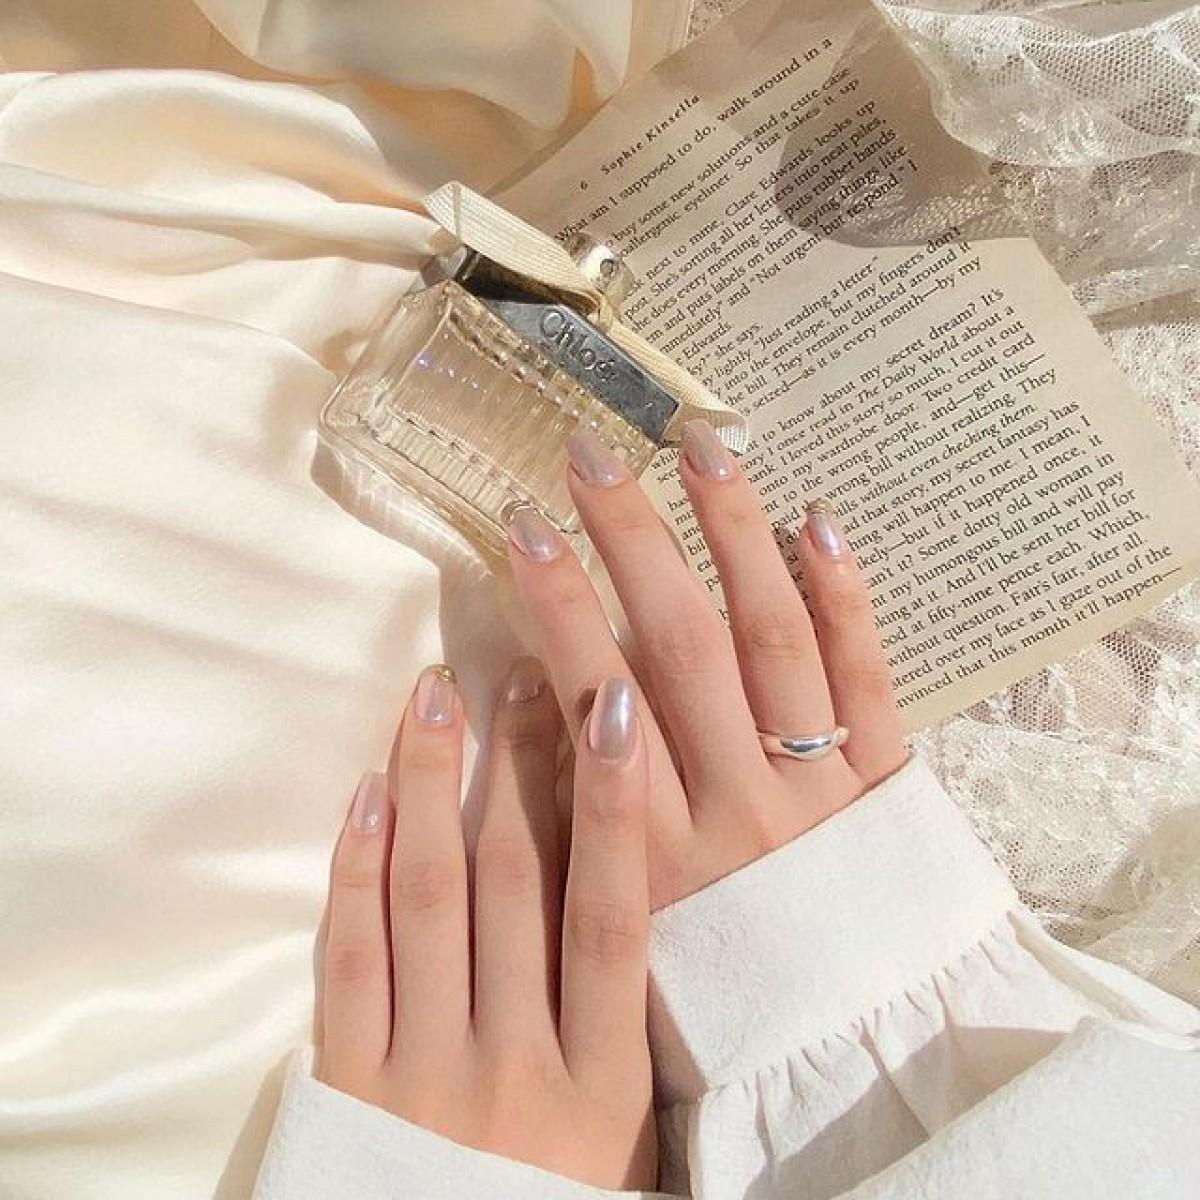 Happyは指先から呼び込むの♡'輝きが欲しい'女の子に贈るネイルデザイン羨望録